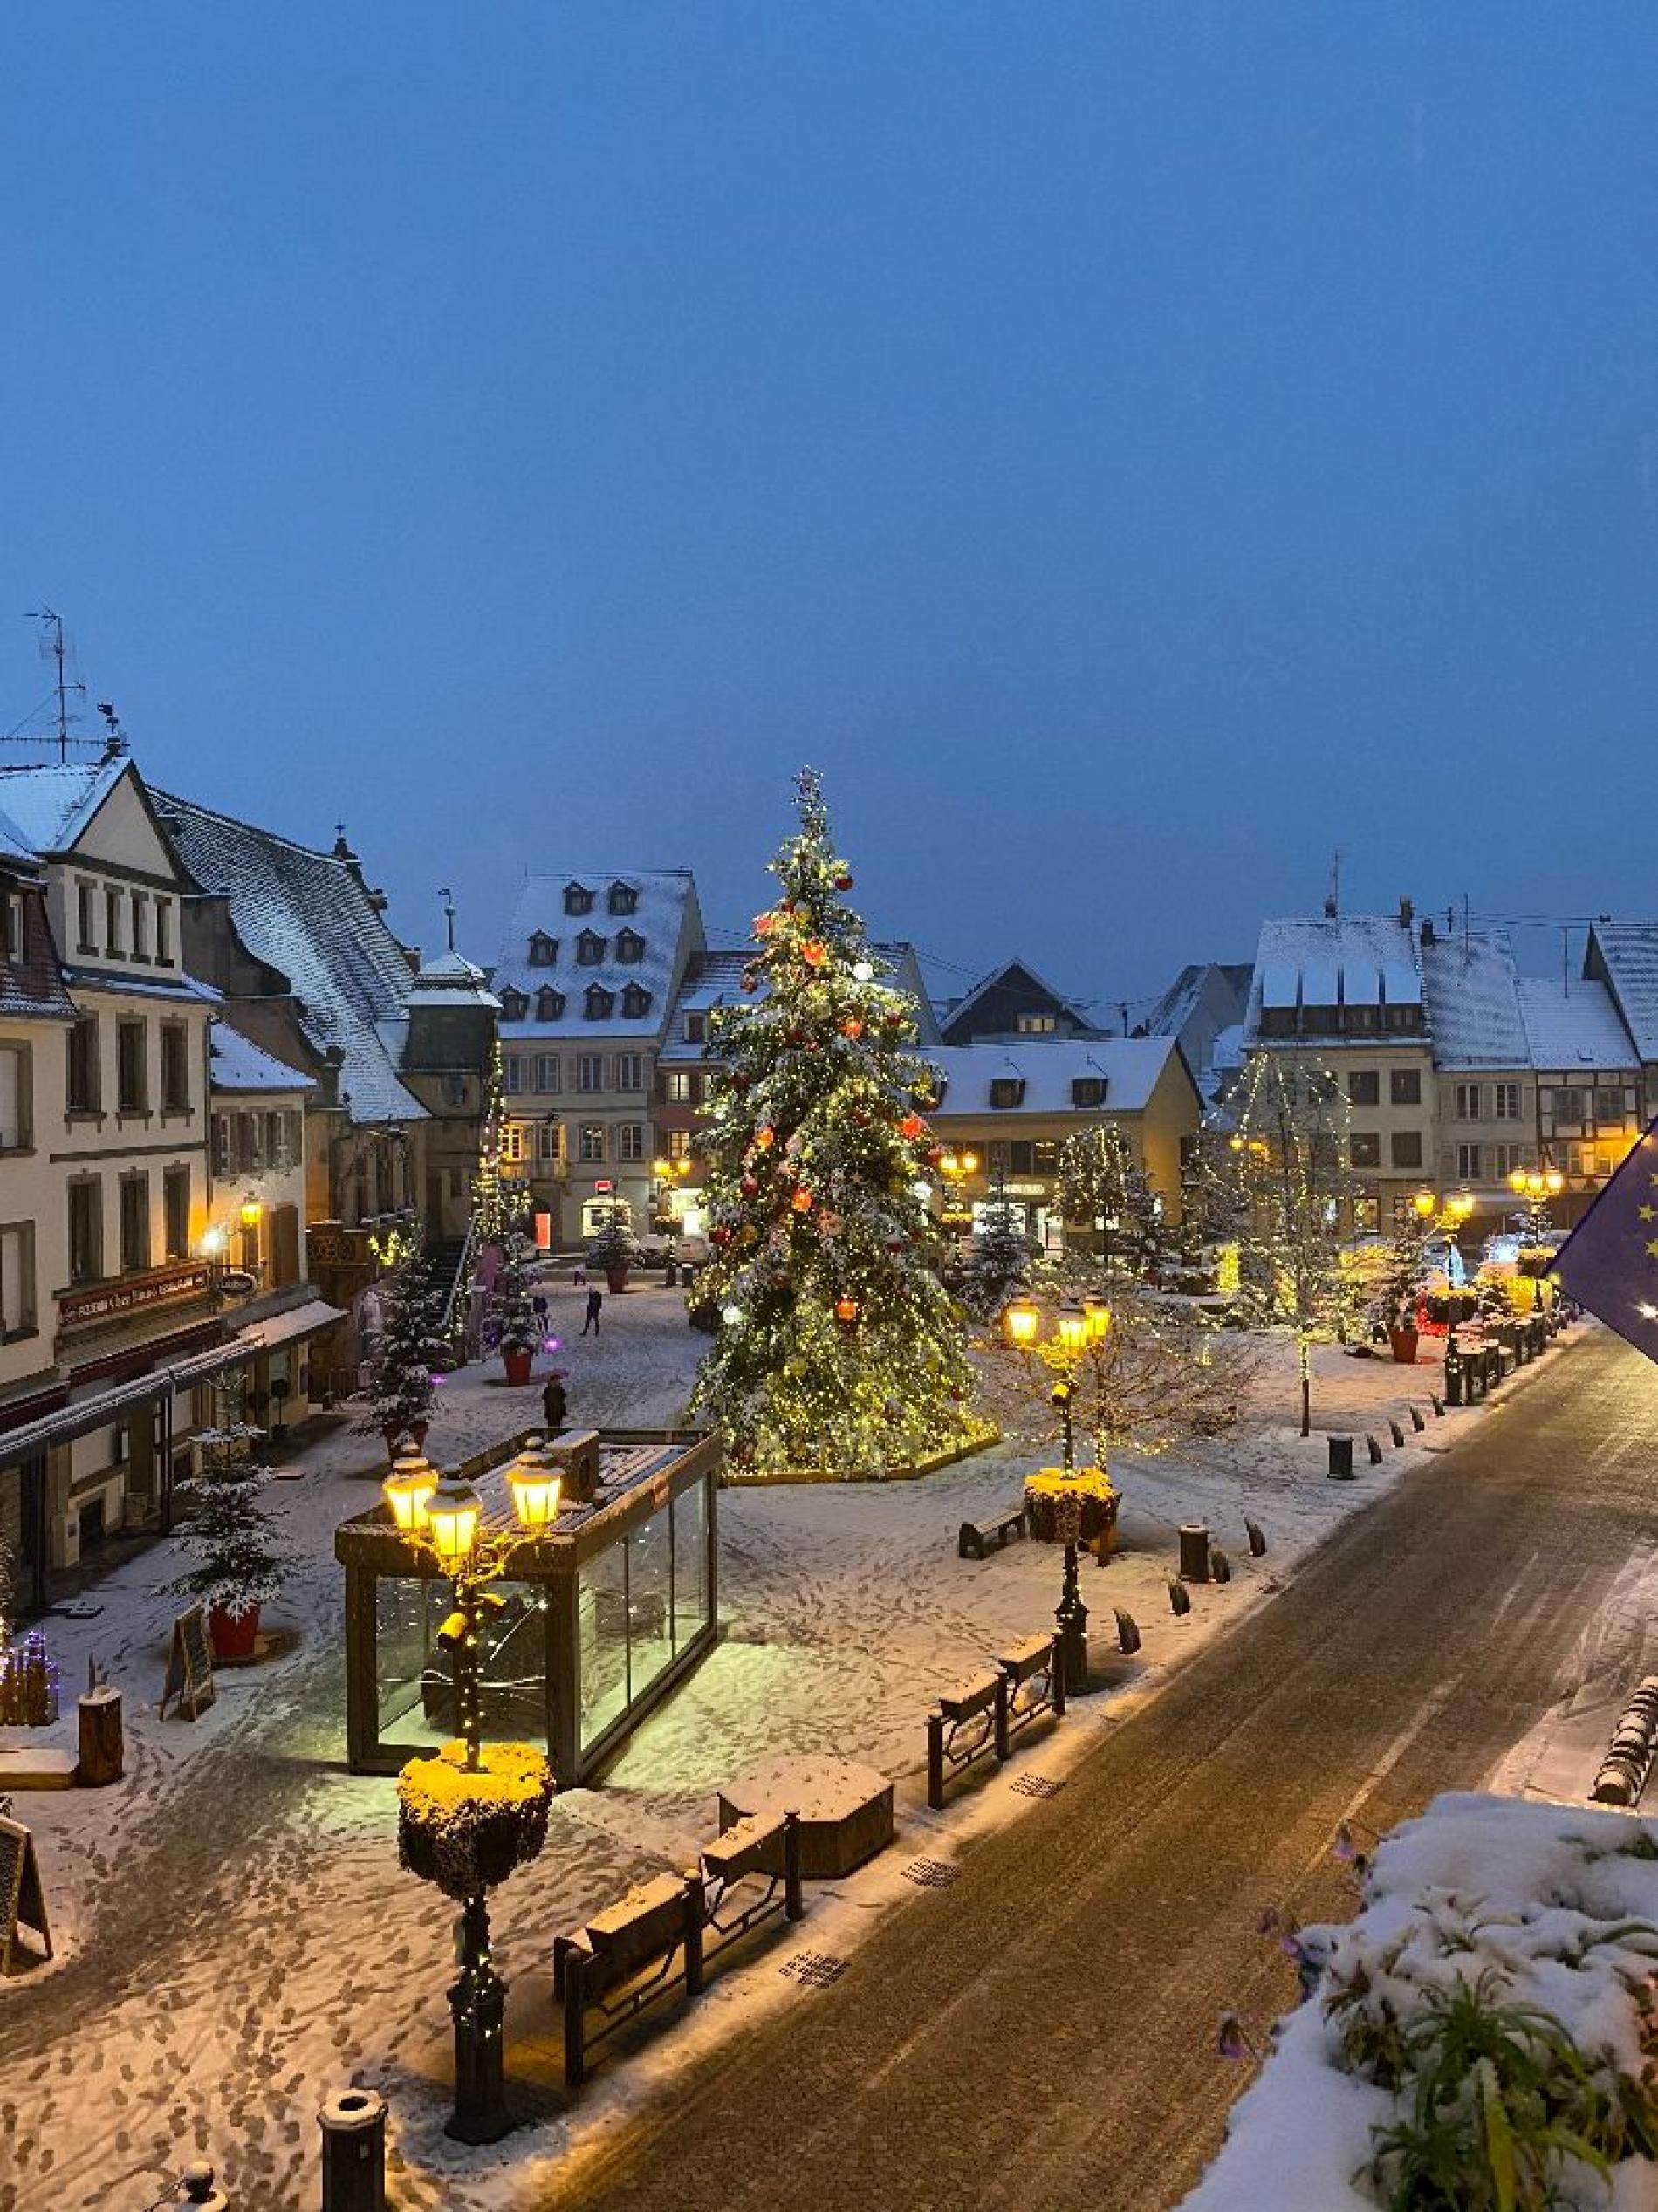 Place de la Mairie de Molsheim<br>